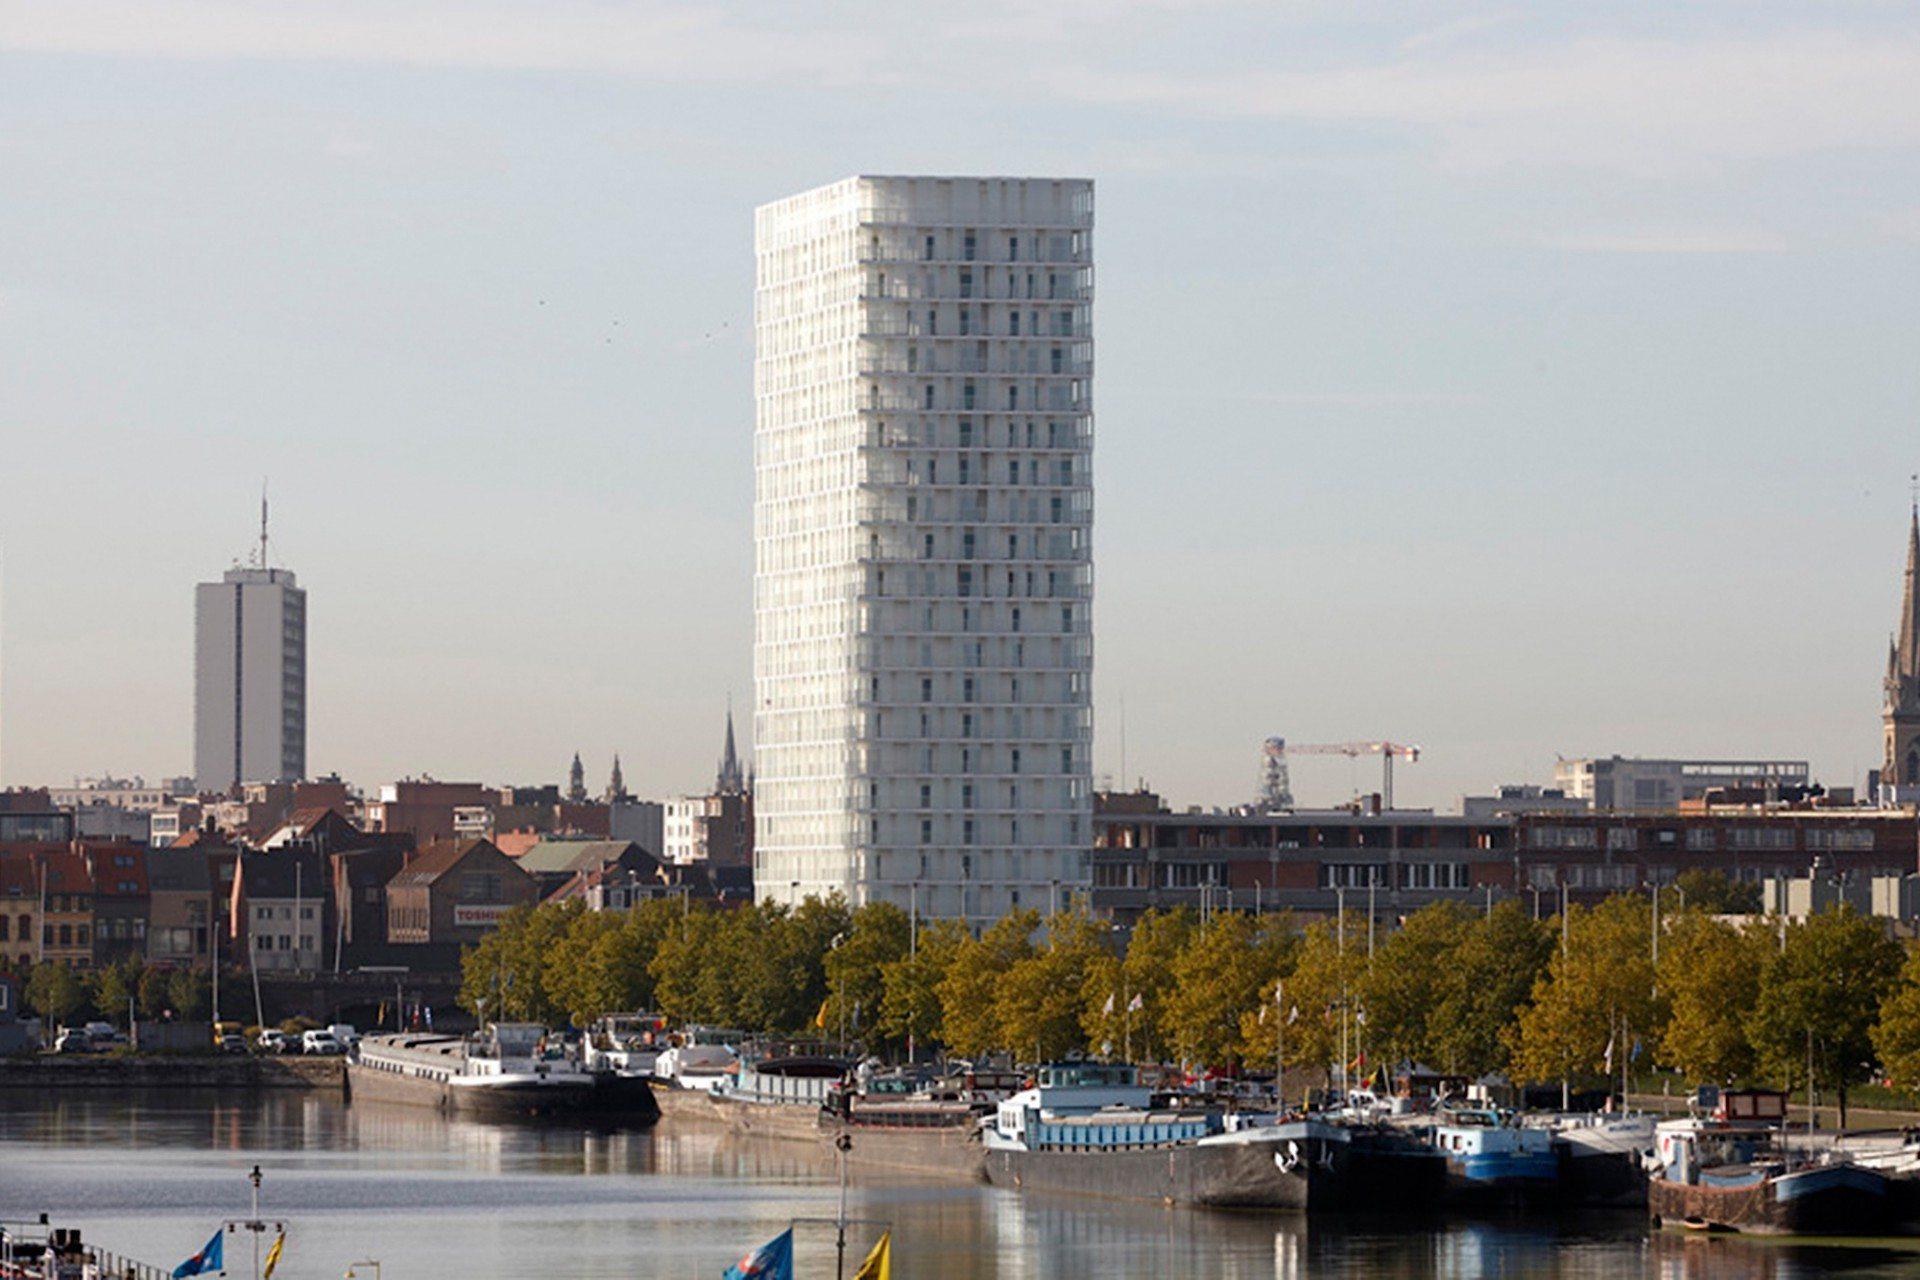 Strahlend. Am Rande des Eilandje erhebt sich der 78 Meter hohe, strahlend weiße Park Tower des belgischen Büros Studio Farris.